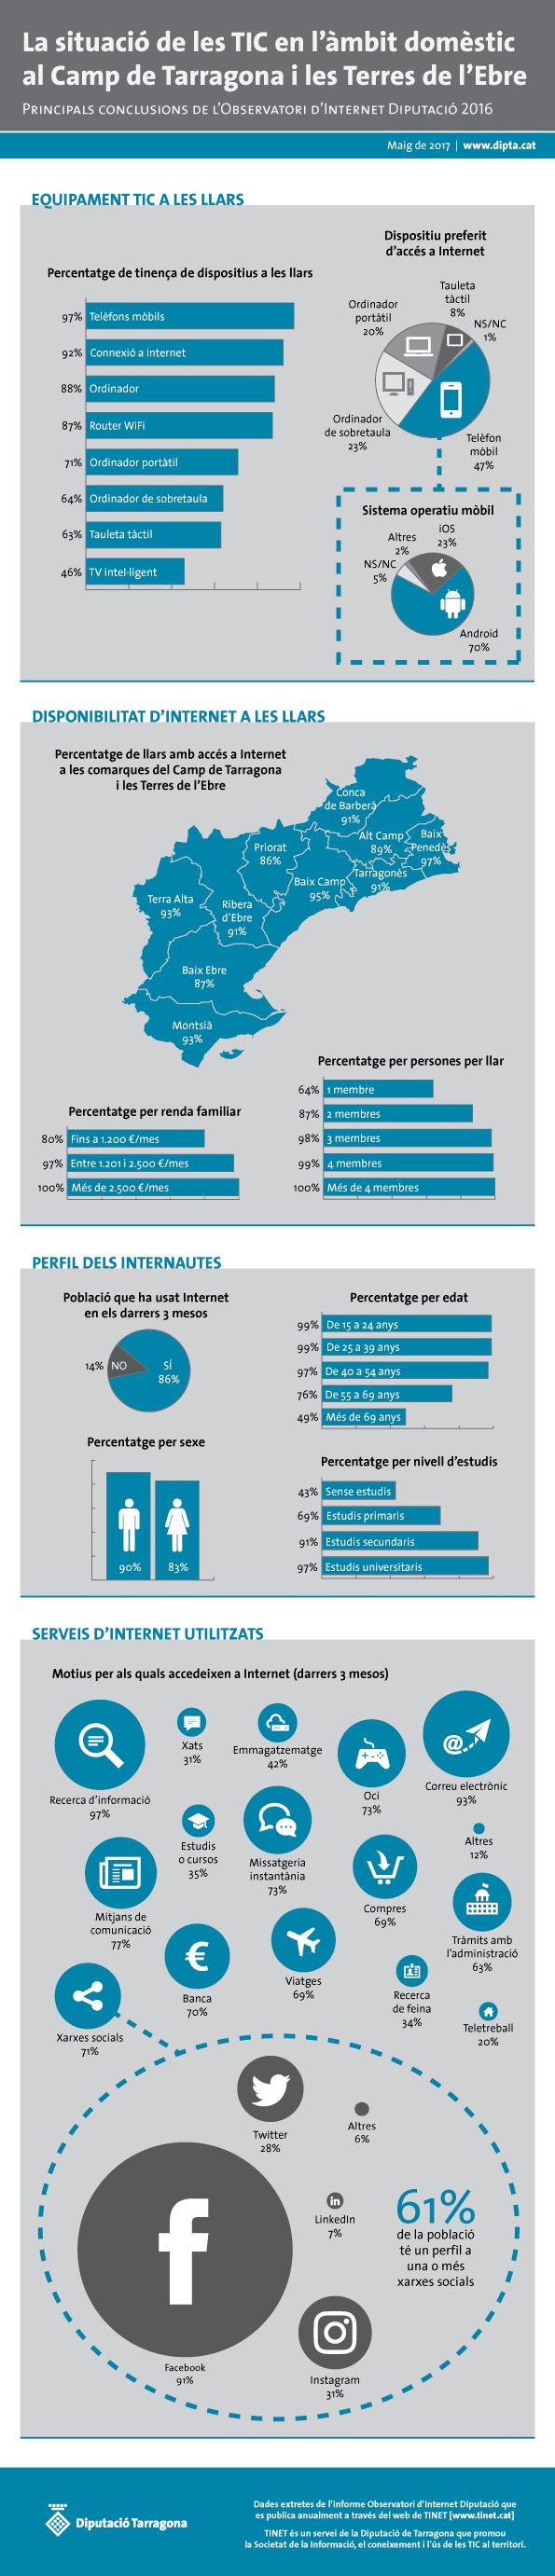 Infografia amb dades de l'Observatori d'Internet Diputació 2016